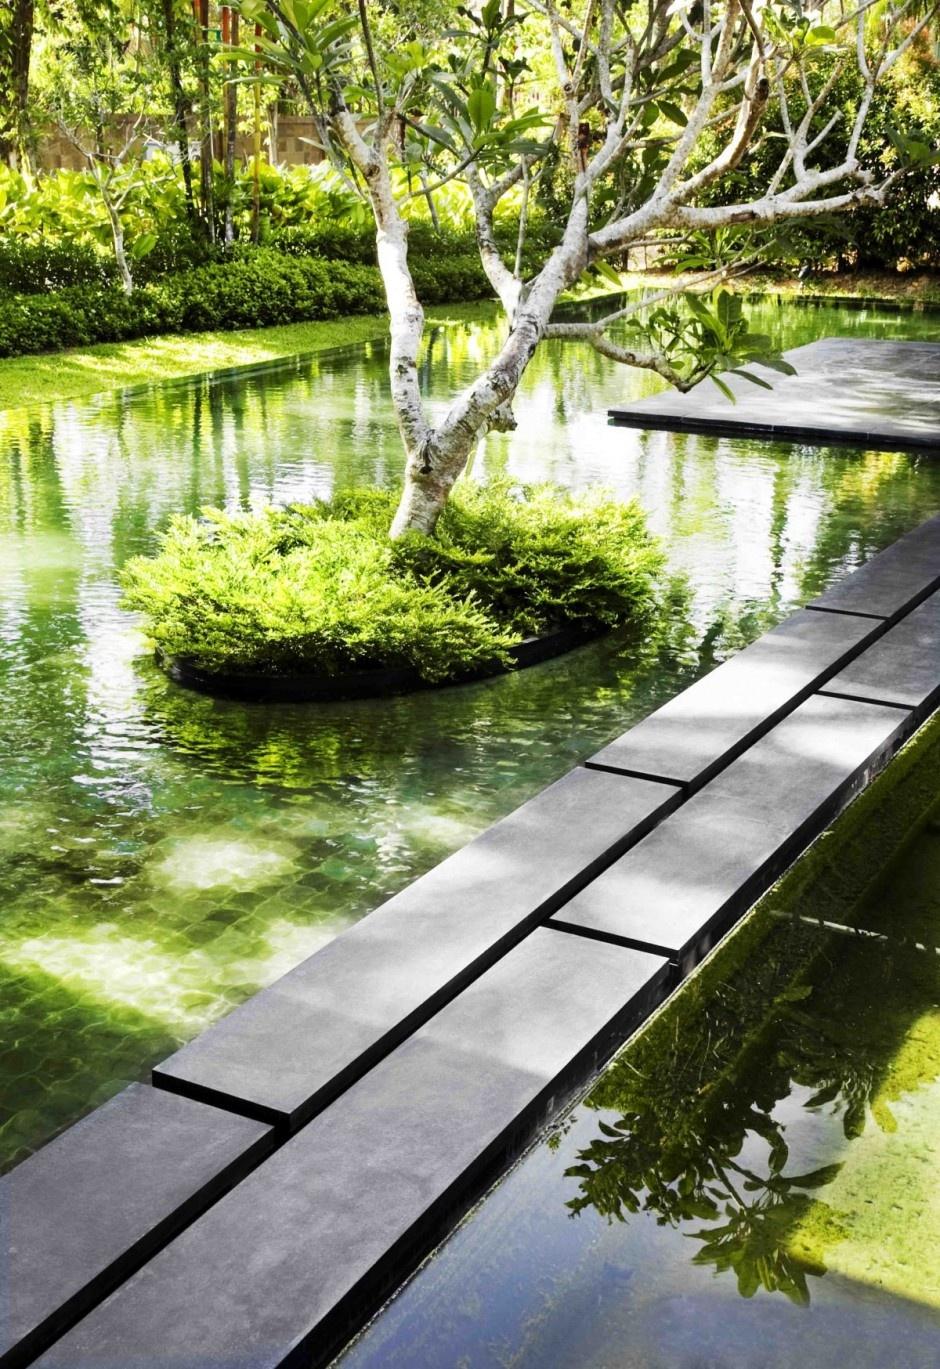 Nechýbajú ani umelé rybníky a jazierko, ktoré očarúvajú svojou upokojujúcou atmosférou a spolu s mini ostrovčekmi, na ktorých sa vyníma krásna zeleň a stromy, tvoria najkrajšiu časť celej stavby.